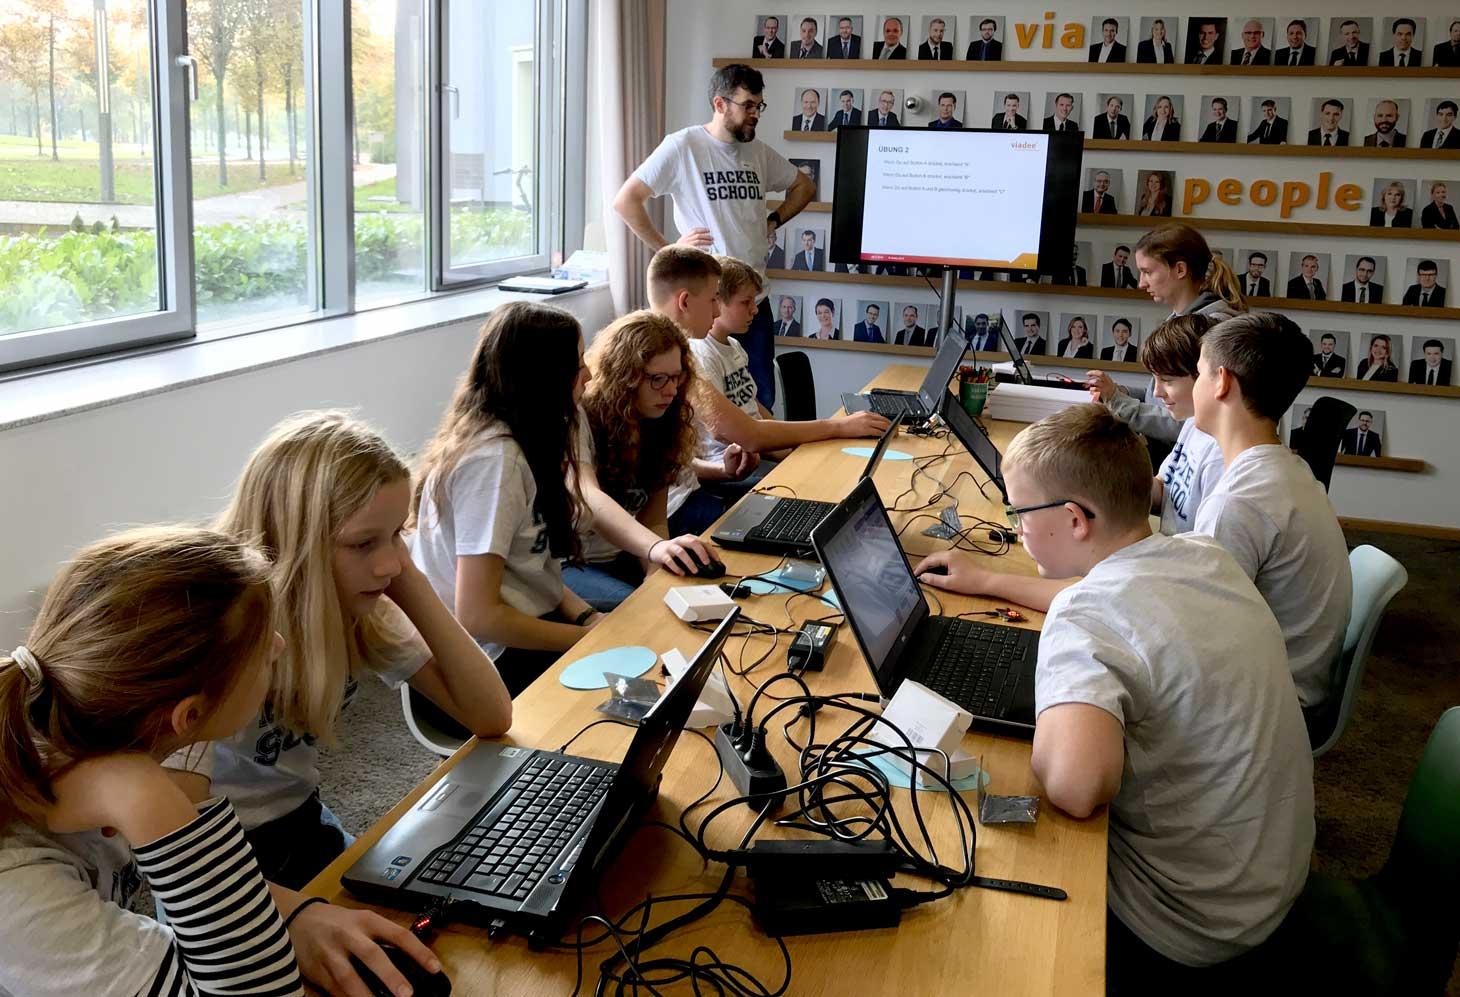 Hacker-School-powered-by-viadee